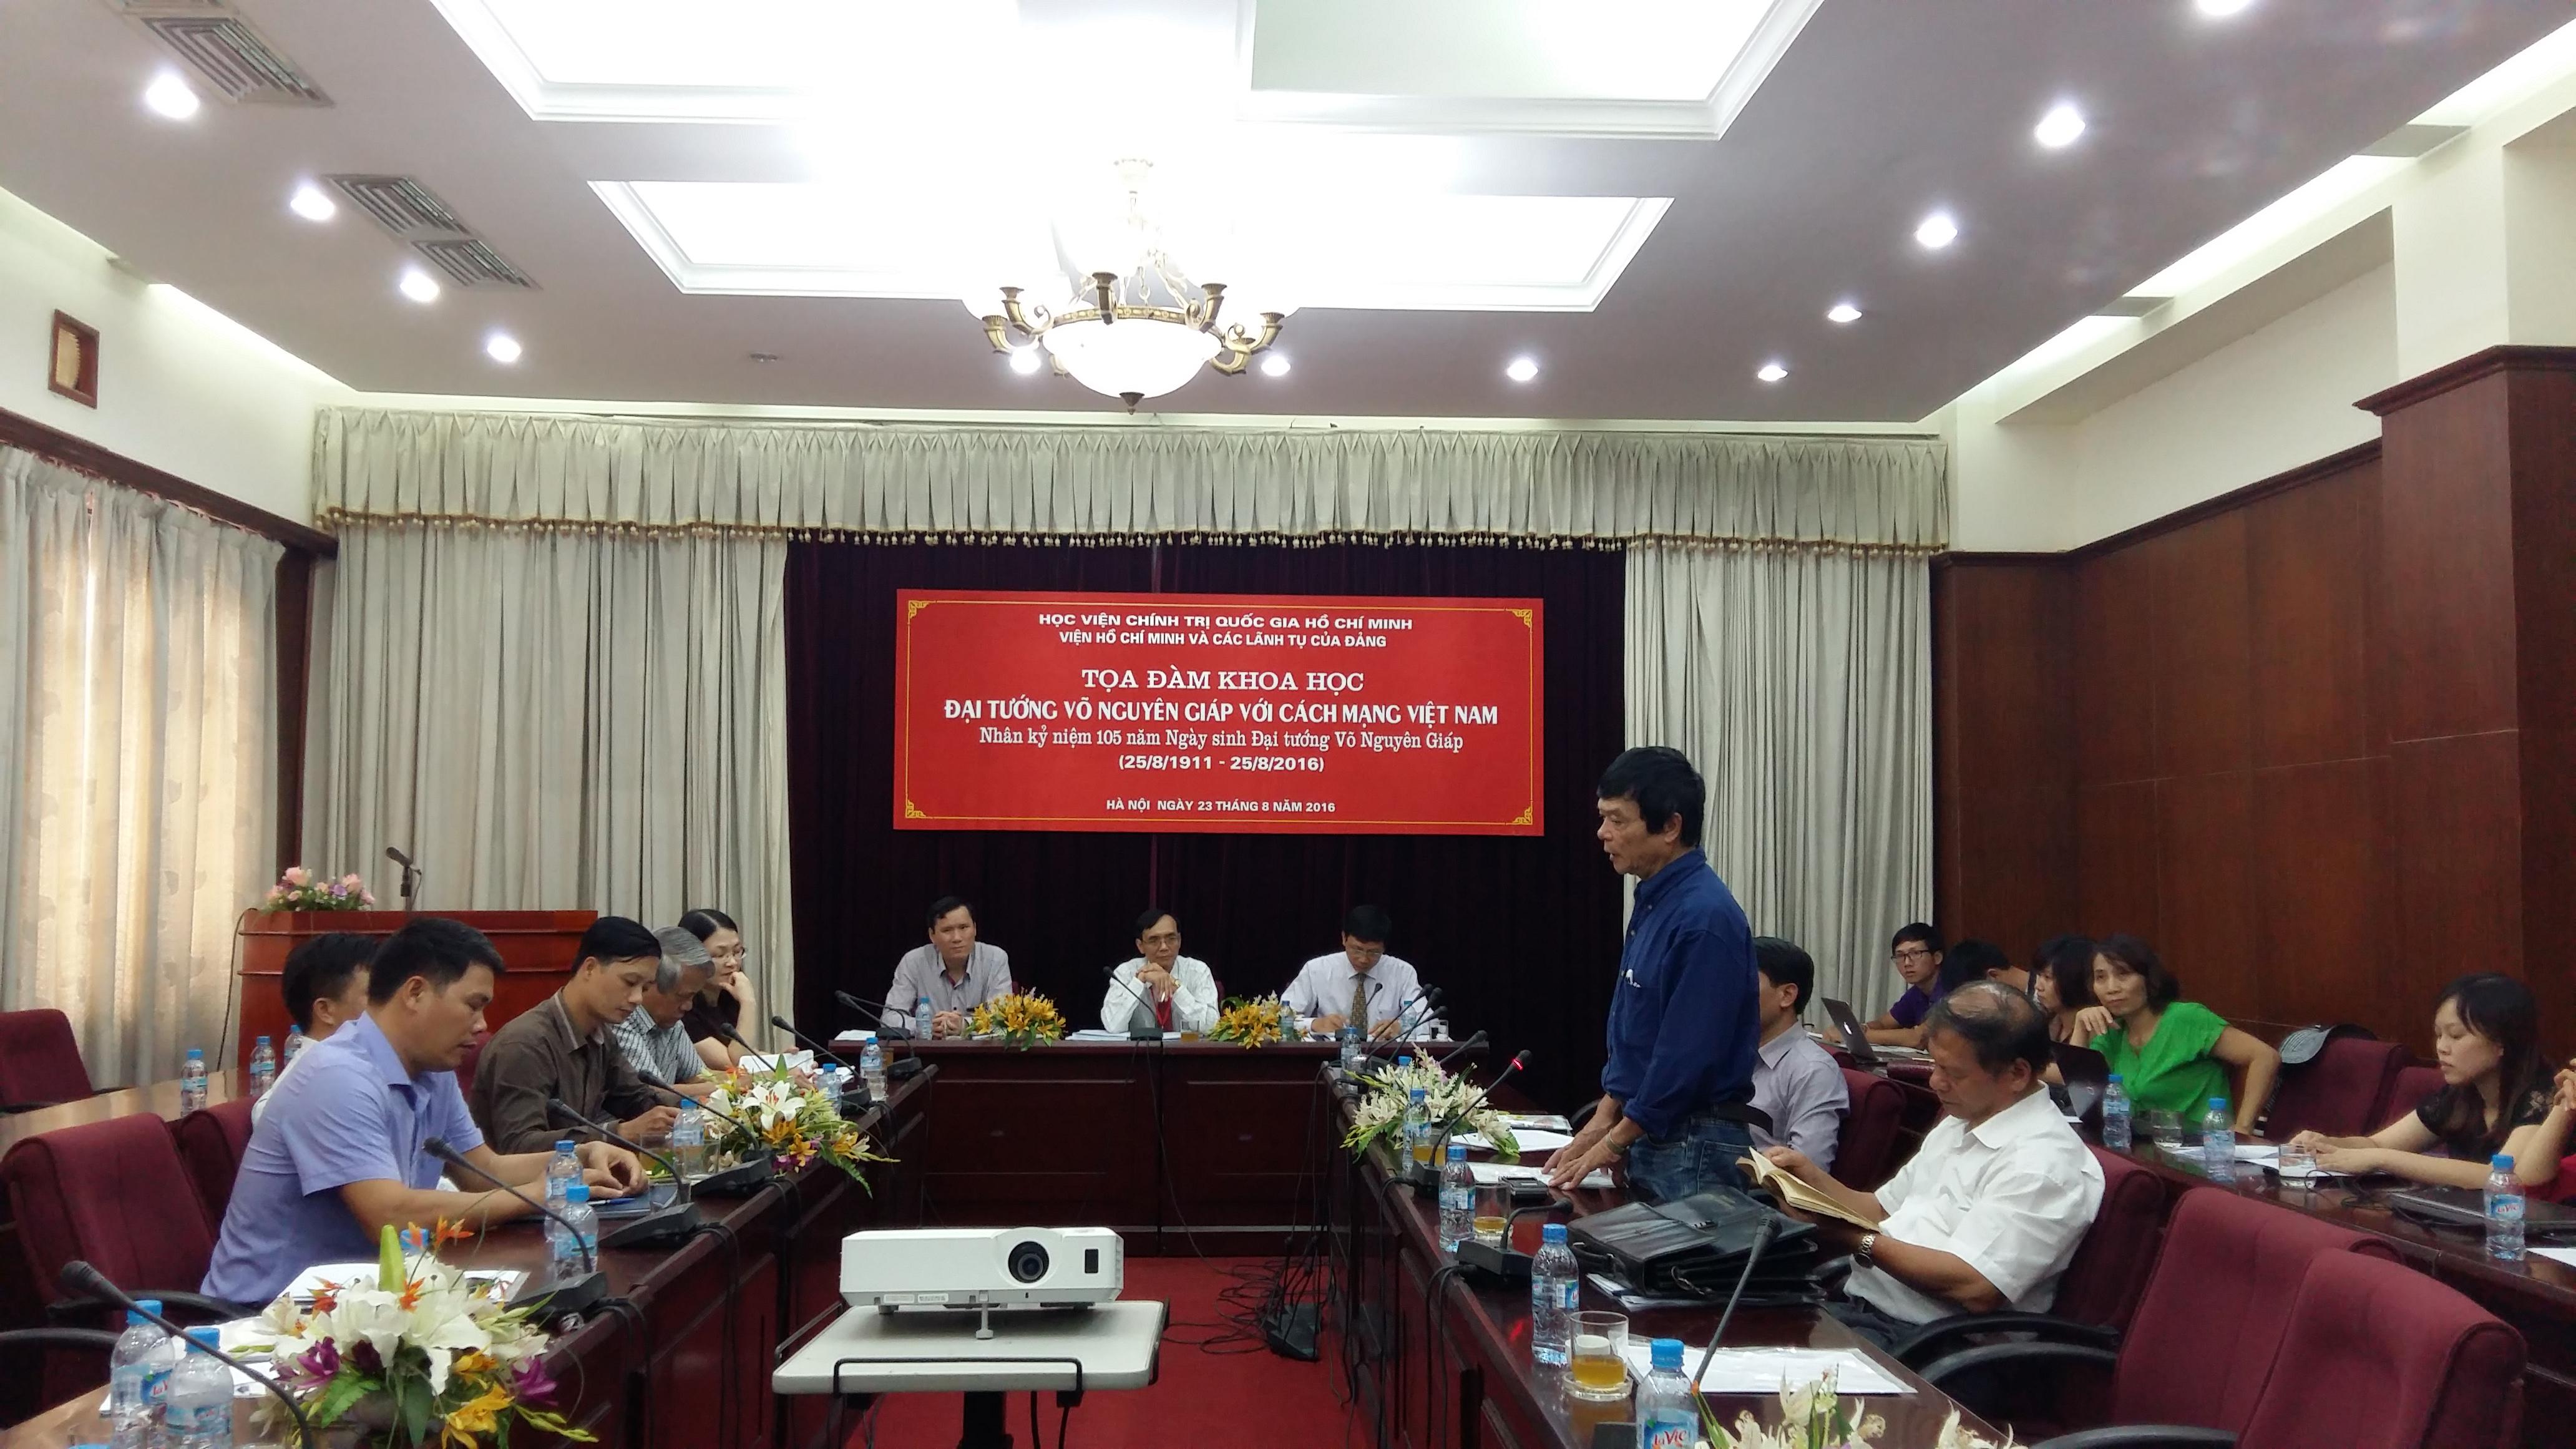 ชื่อเสียงของพลเอกหวอเงวียนย้าปเคียงคู่มากับชัยชนะที่มีความหมายระดับโลกของกองทัพประชาชนเวียดนาม